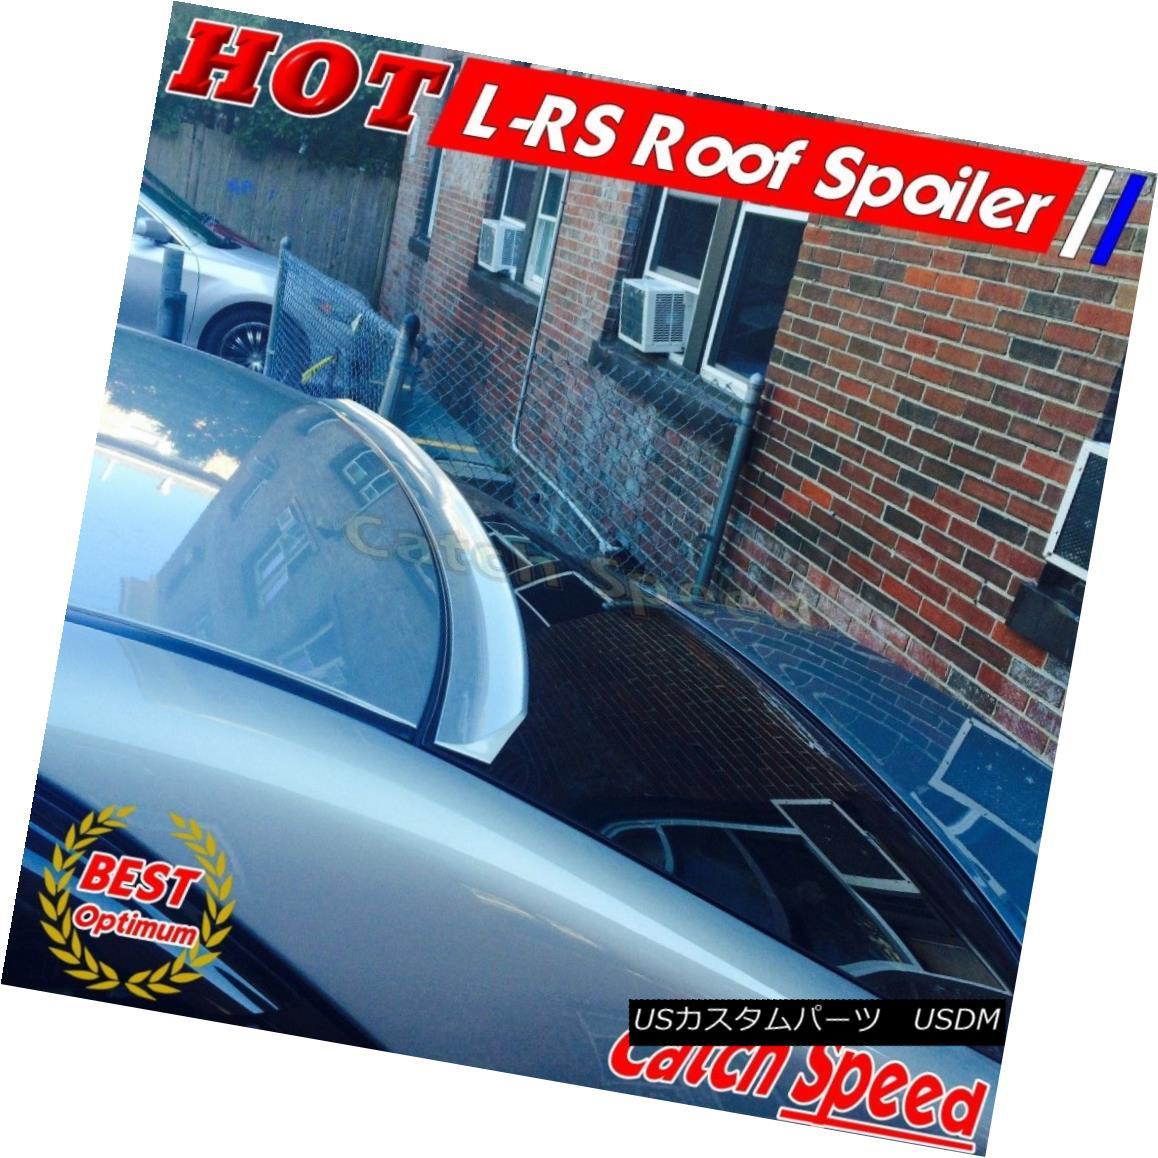 エアロパーツ Glossy BLACK LRS Type Rear Roof Spoiler For OPEL VECTRA GTS C-TYPE 02~08 ? 光沢のあるBLACK LRSタイプリアルーフスポイラーOPEL VECTRA GTS C-TYPE 02?08?